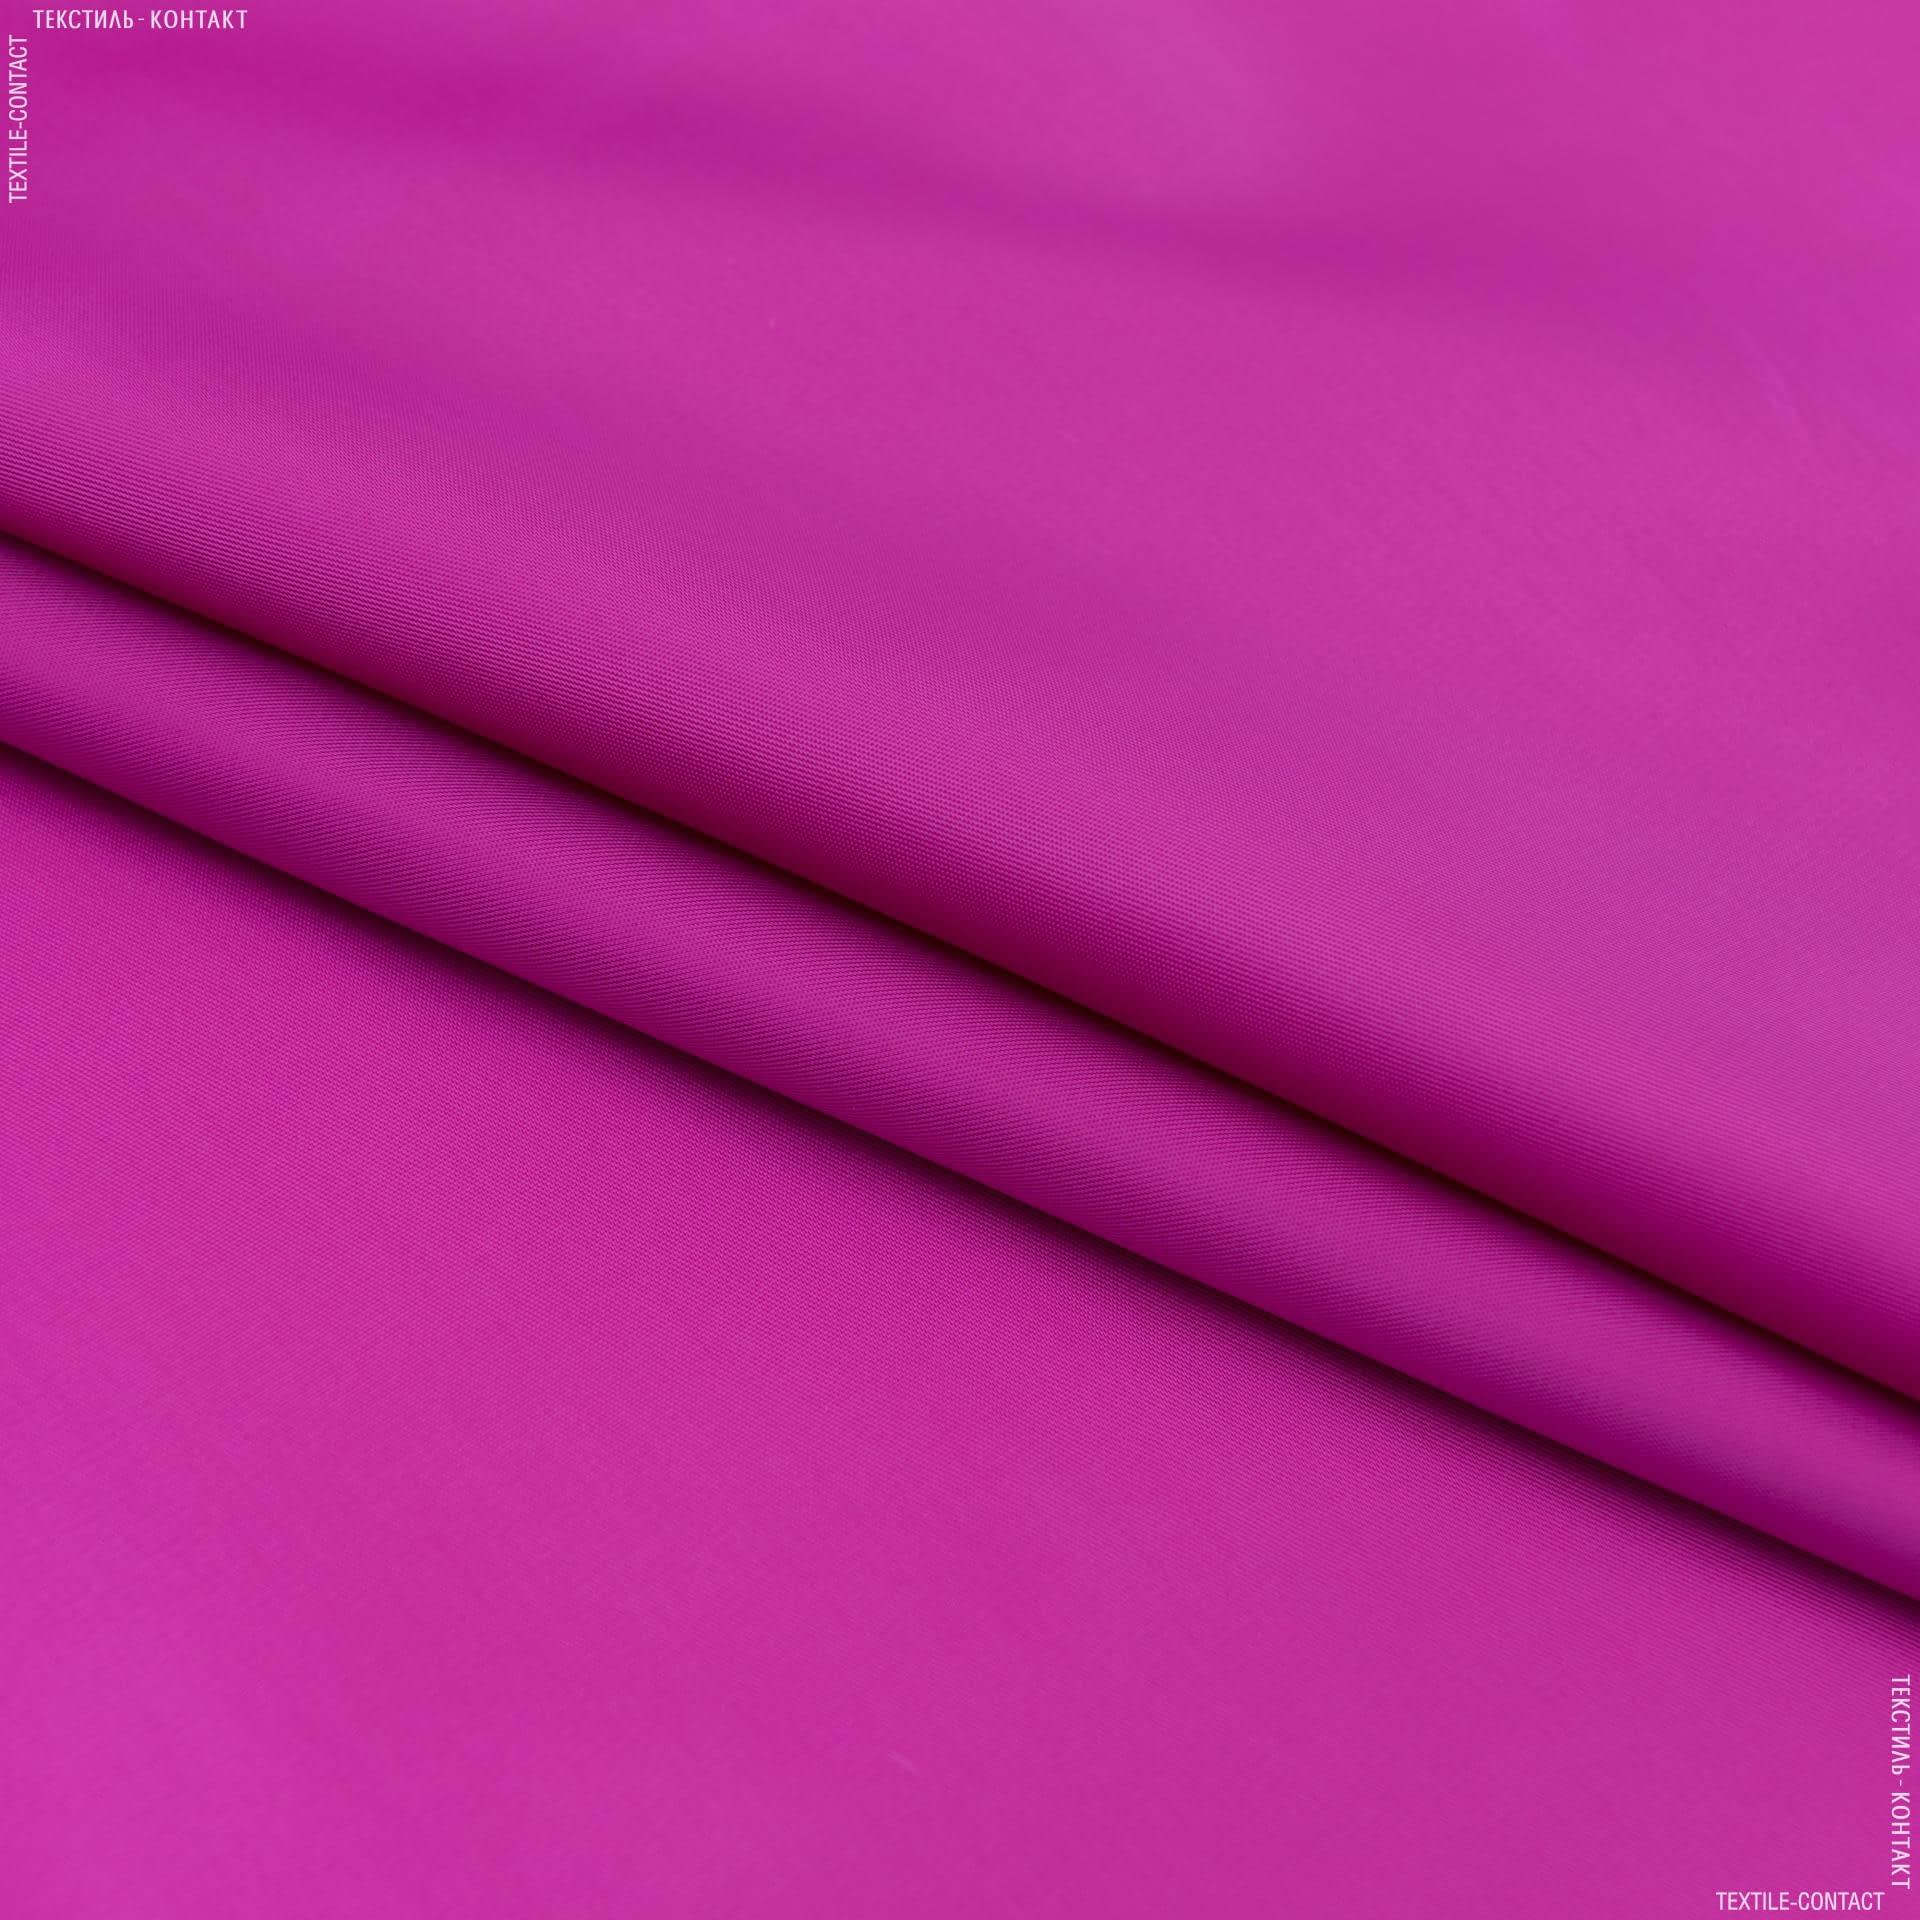 Тканини підкладкова тканина - Підкладковий атлас фуксія